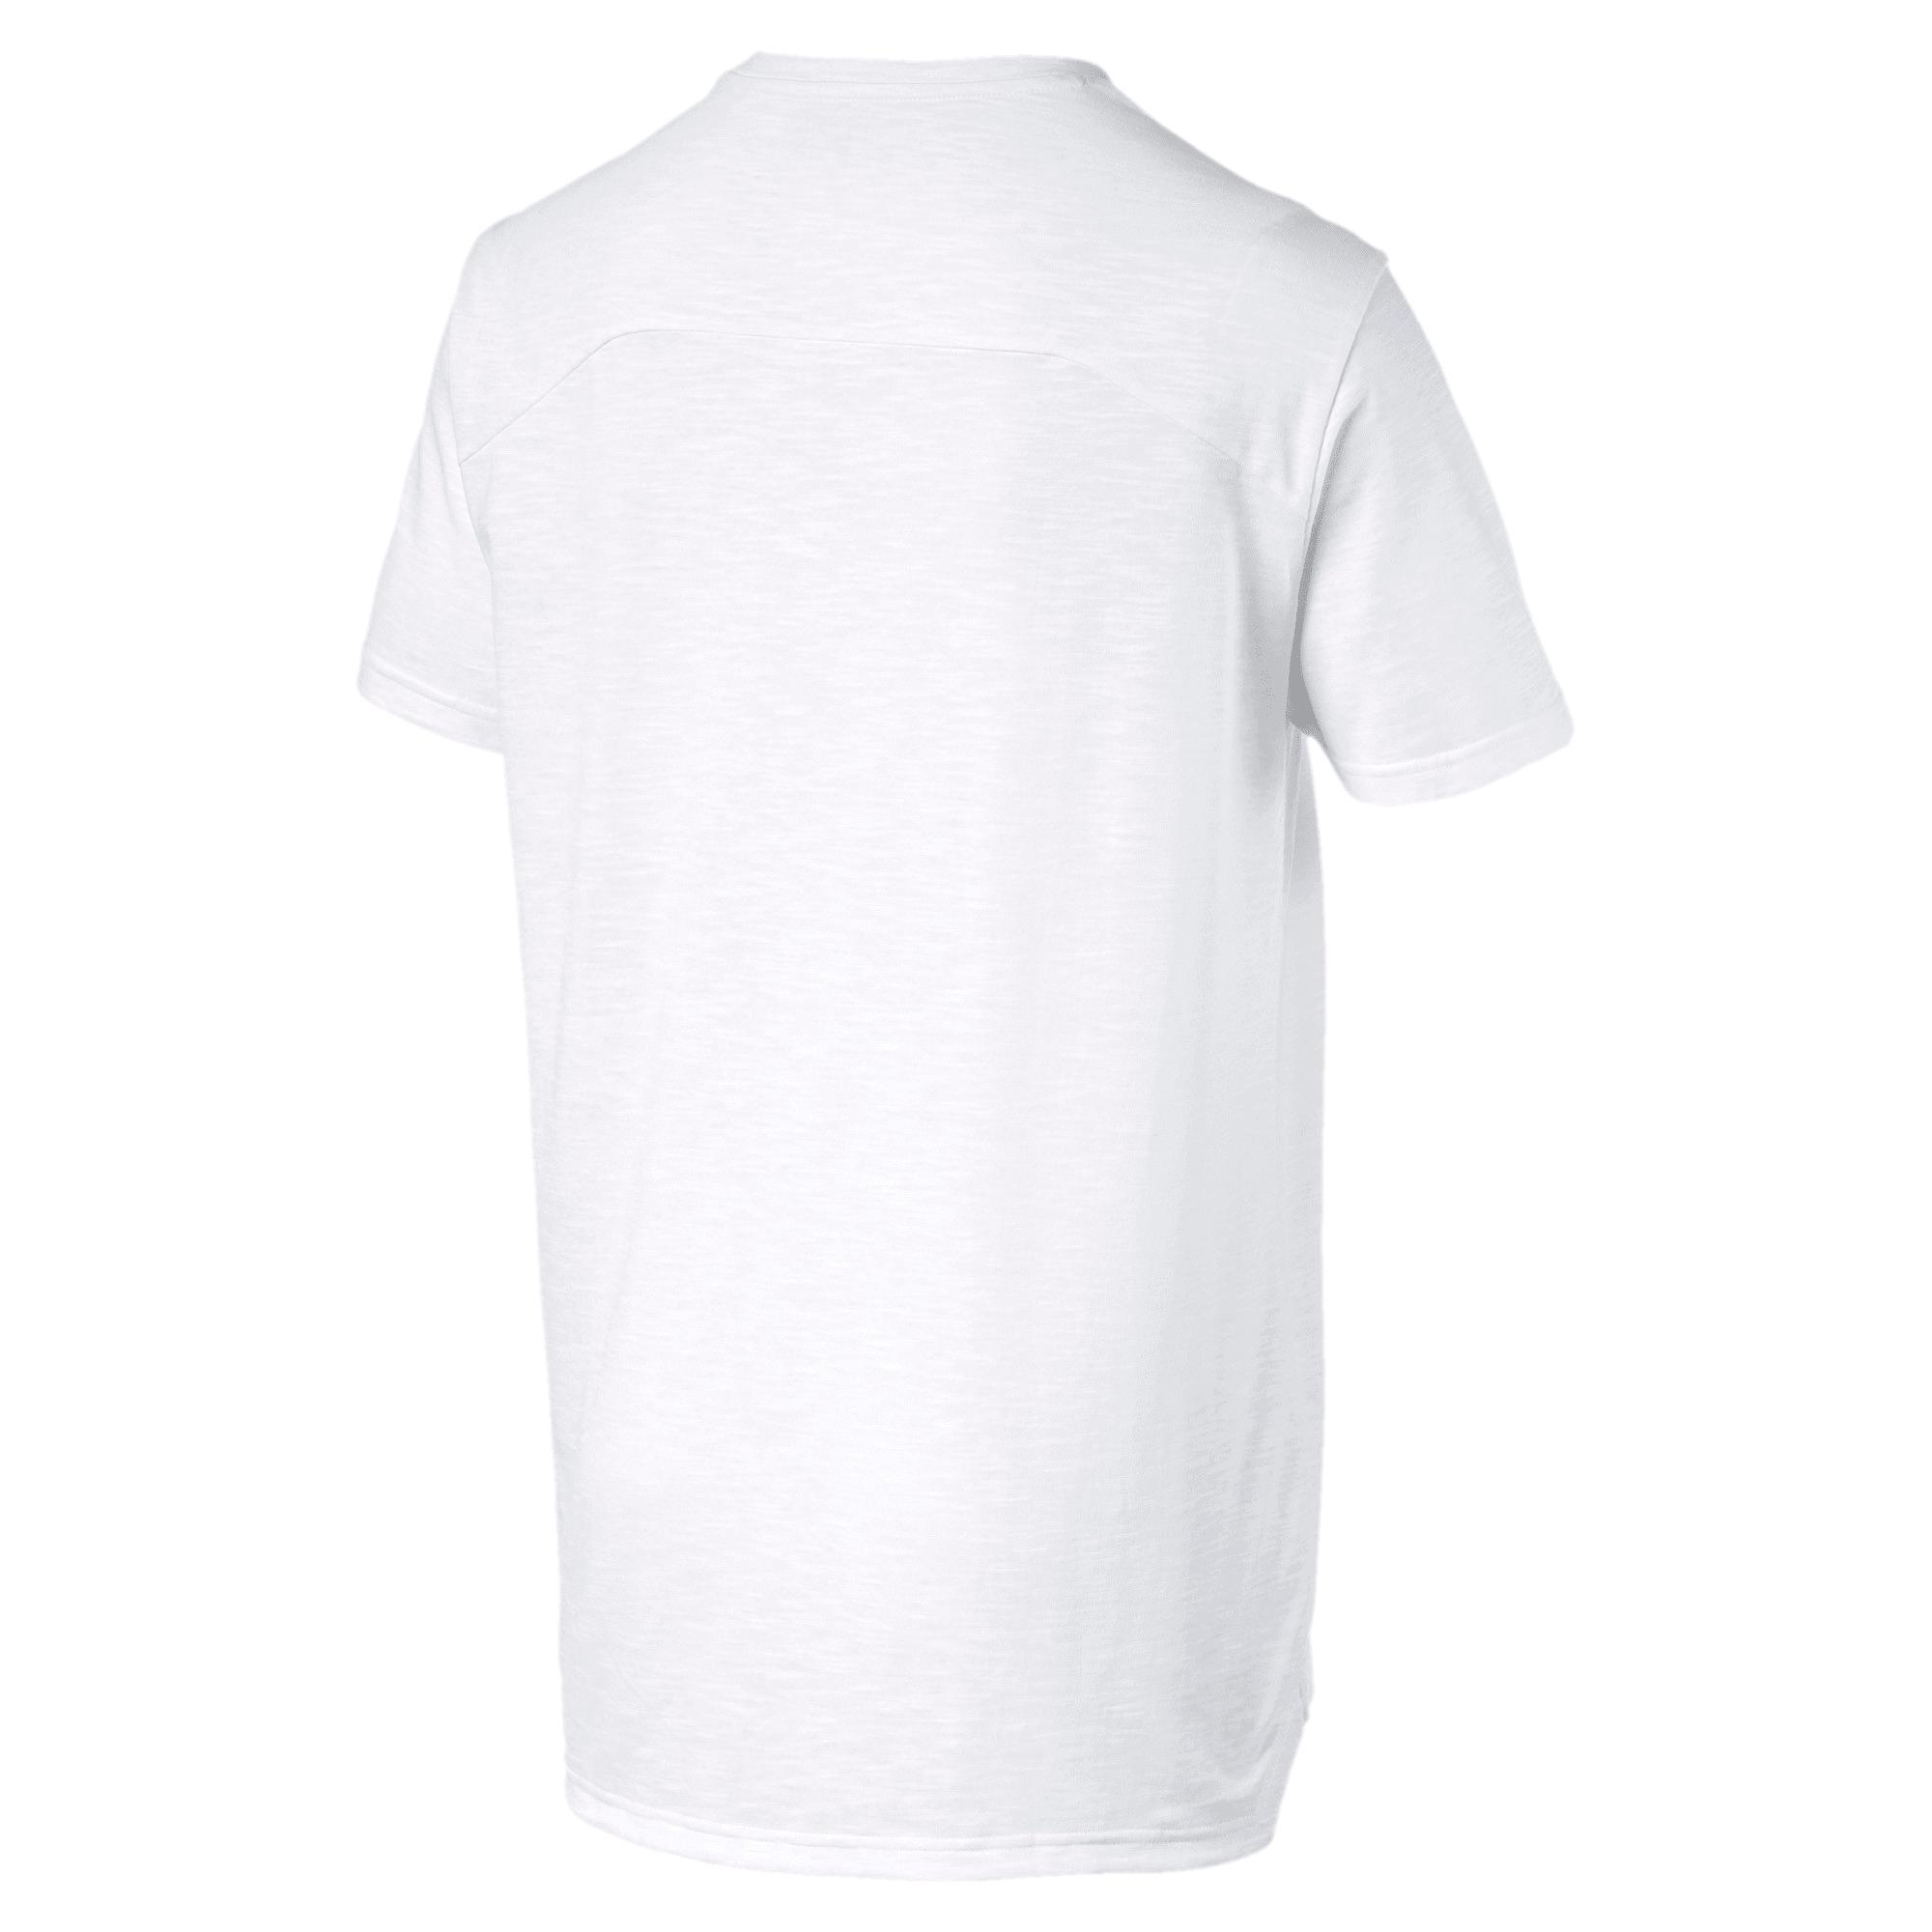 Thumbnail 6 of Energy Herren Training T-Shirt, Puma White, medium